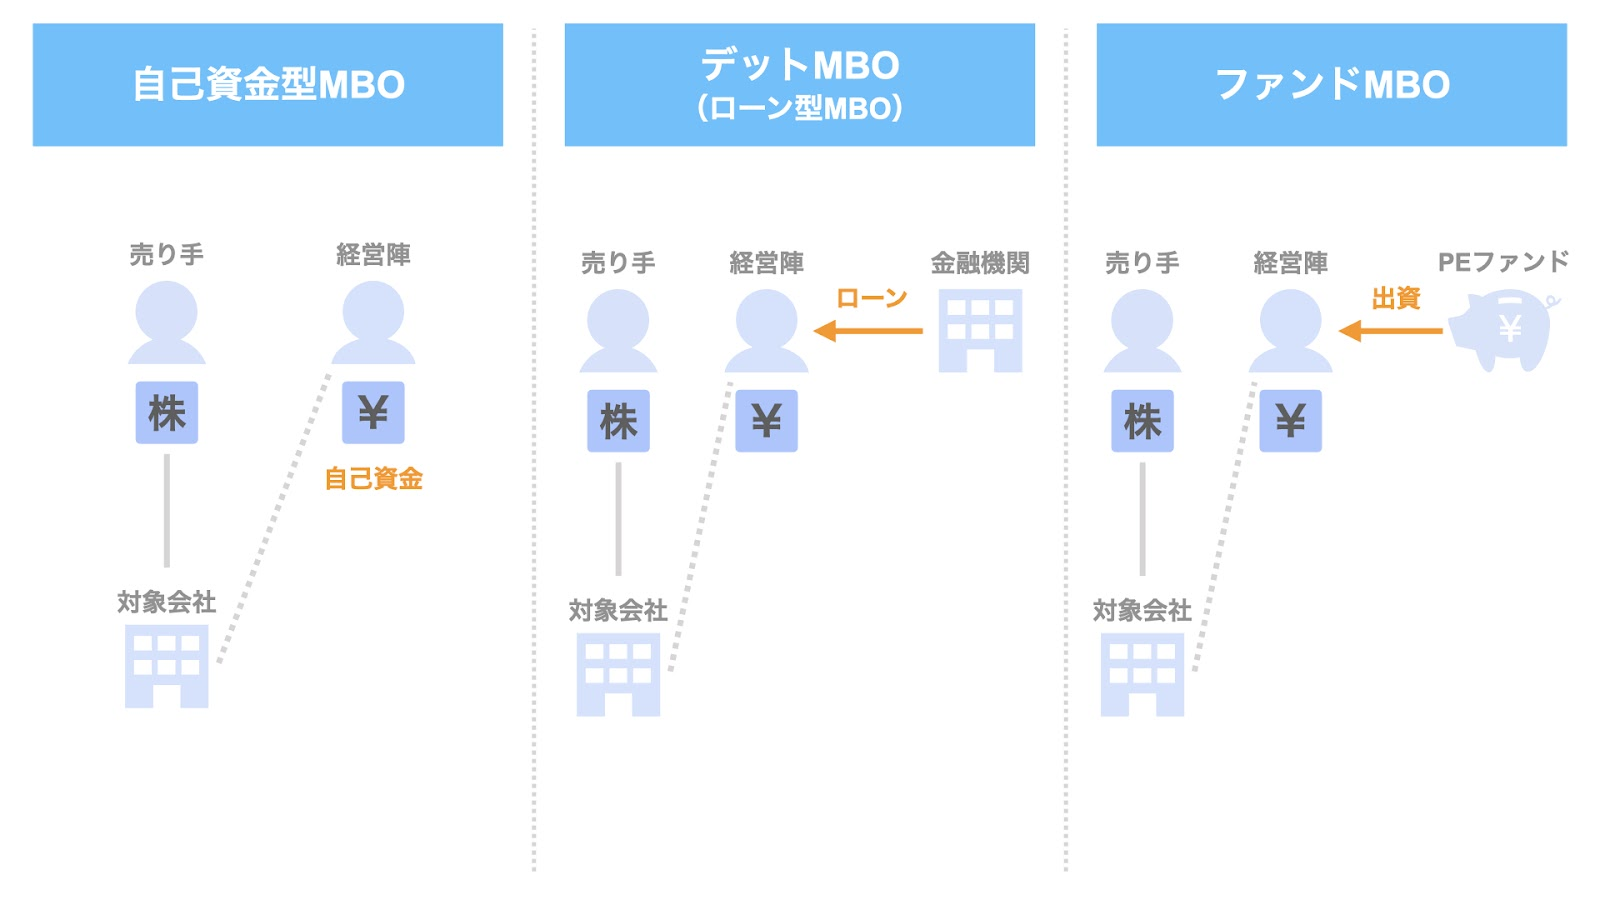 MBOの3つのスキーム